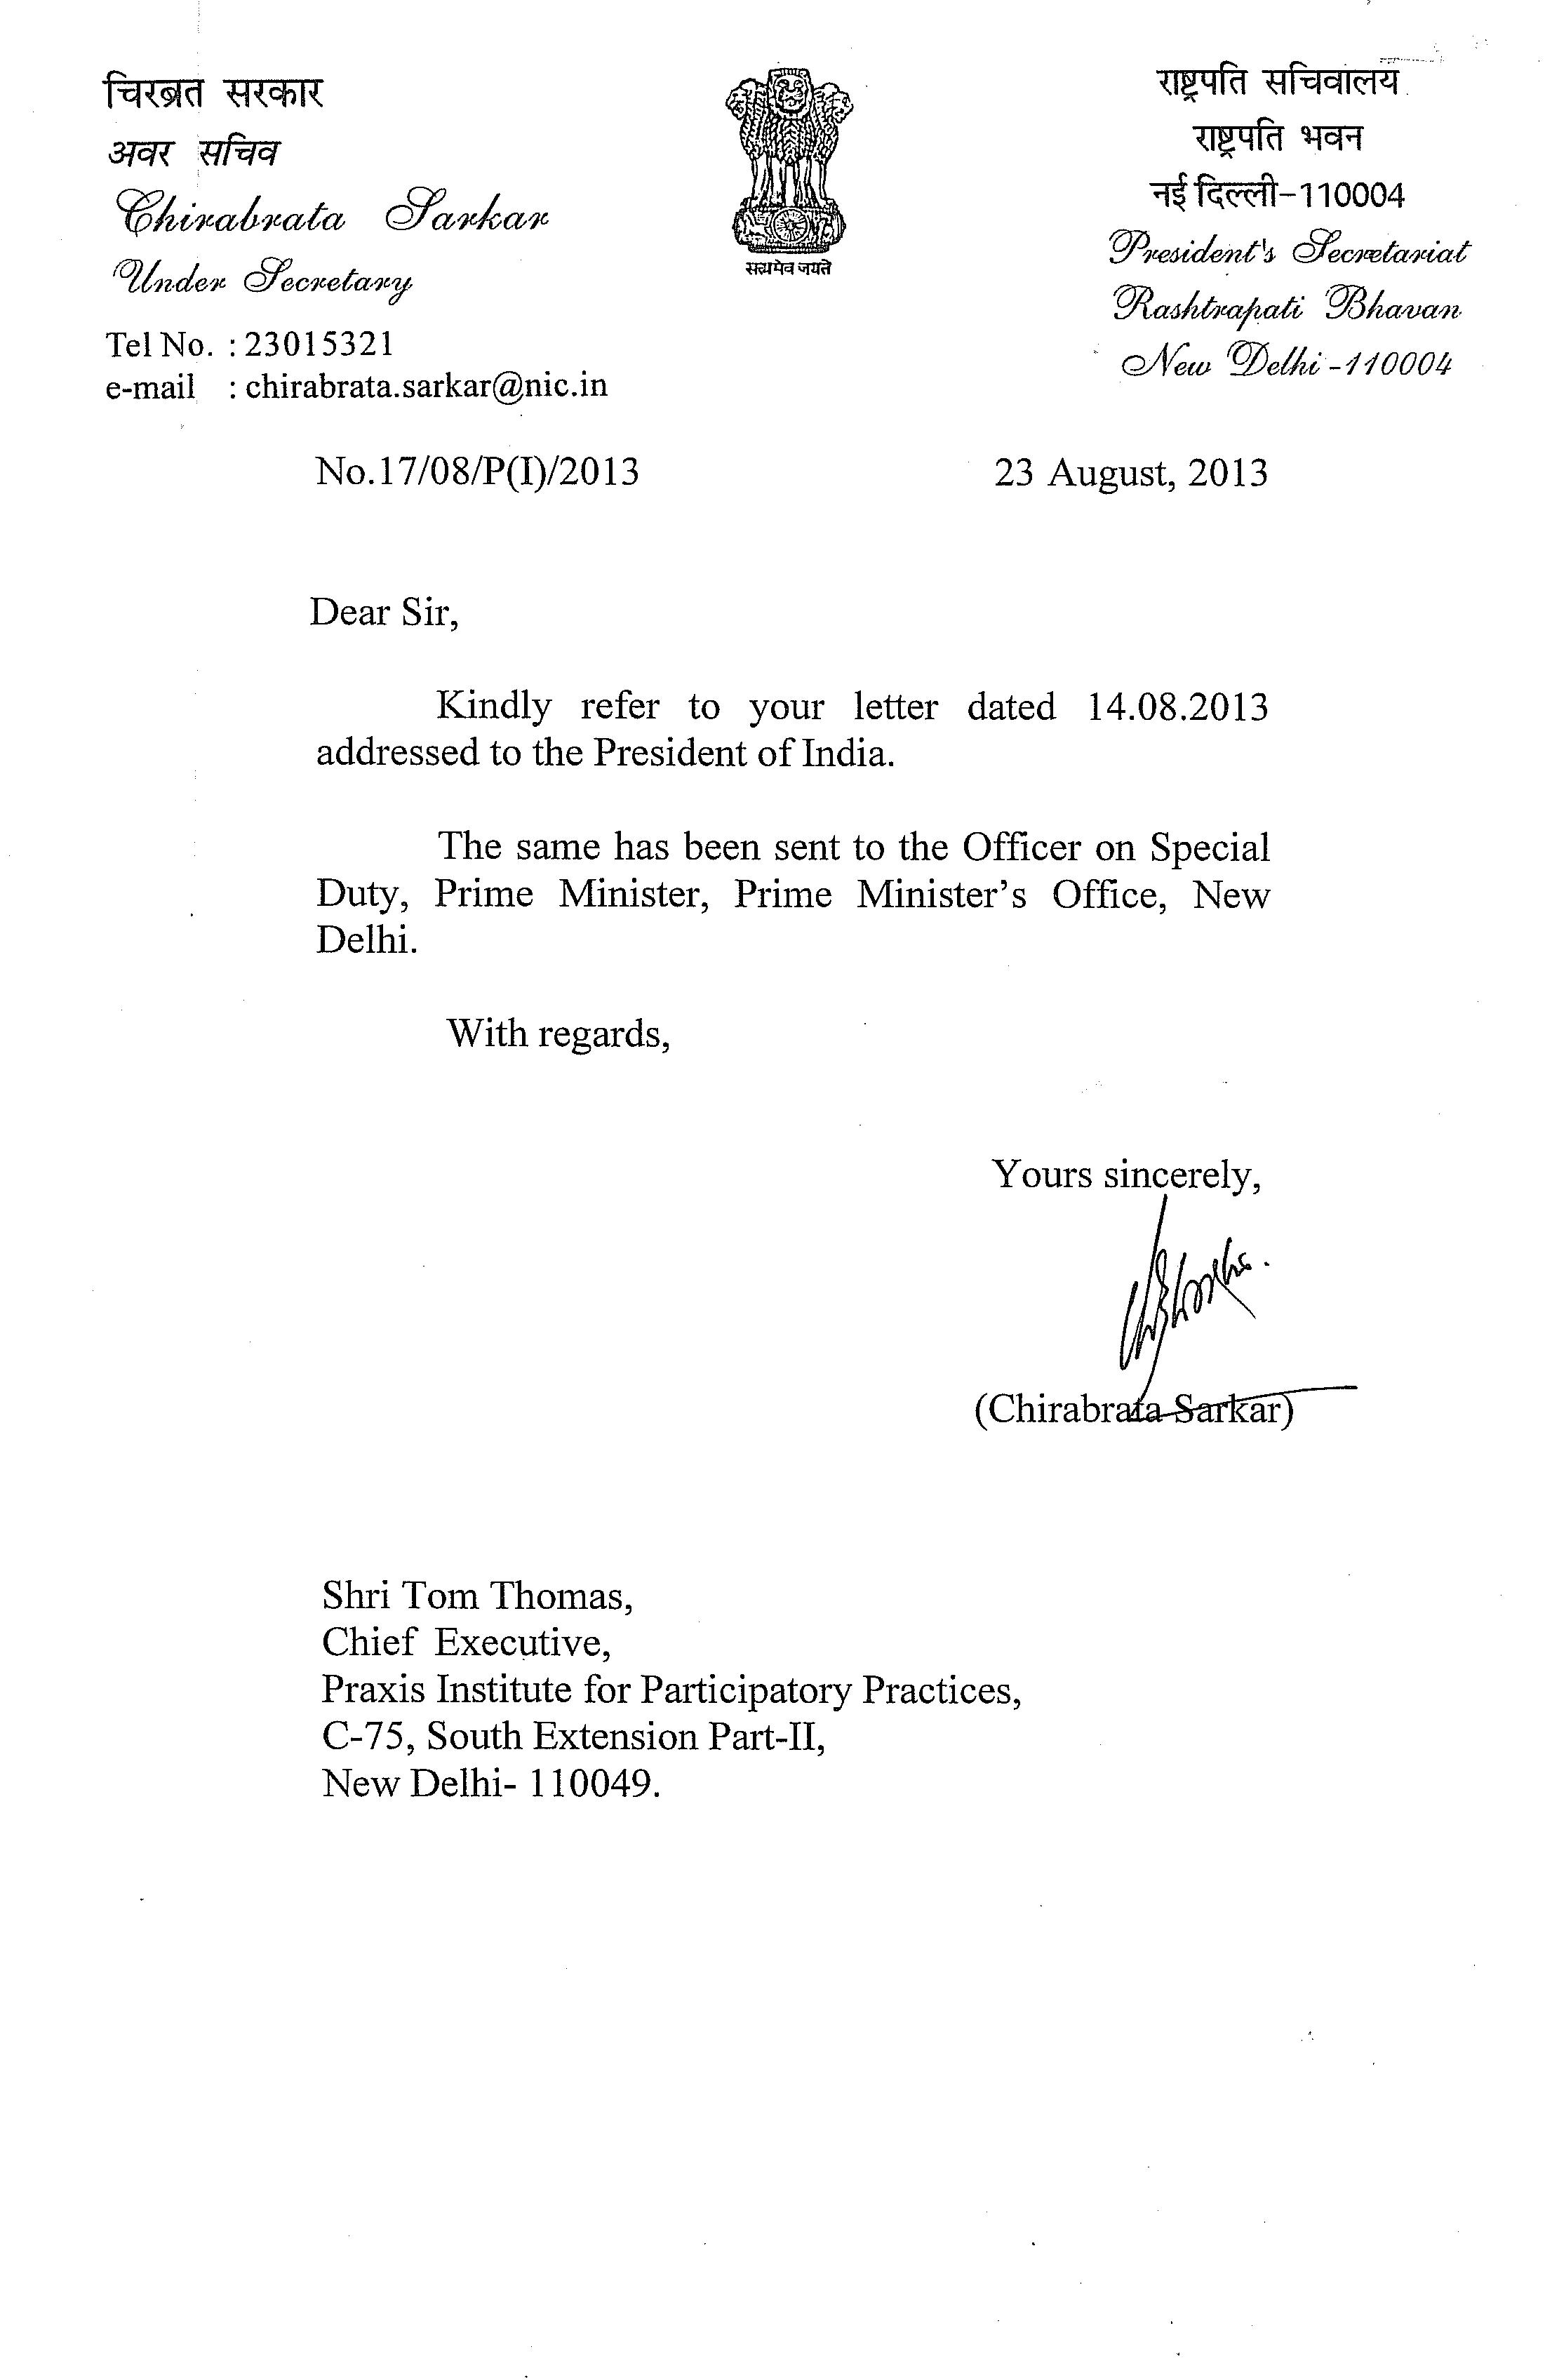 Letter from Rashtrapati Bhavan.jpg